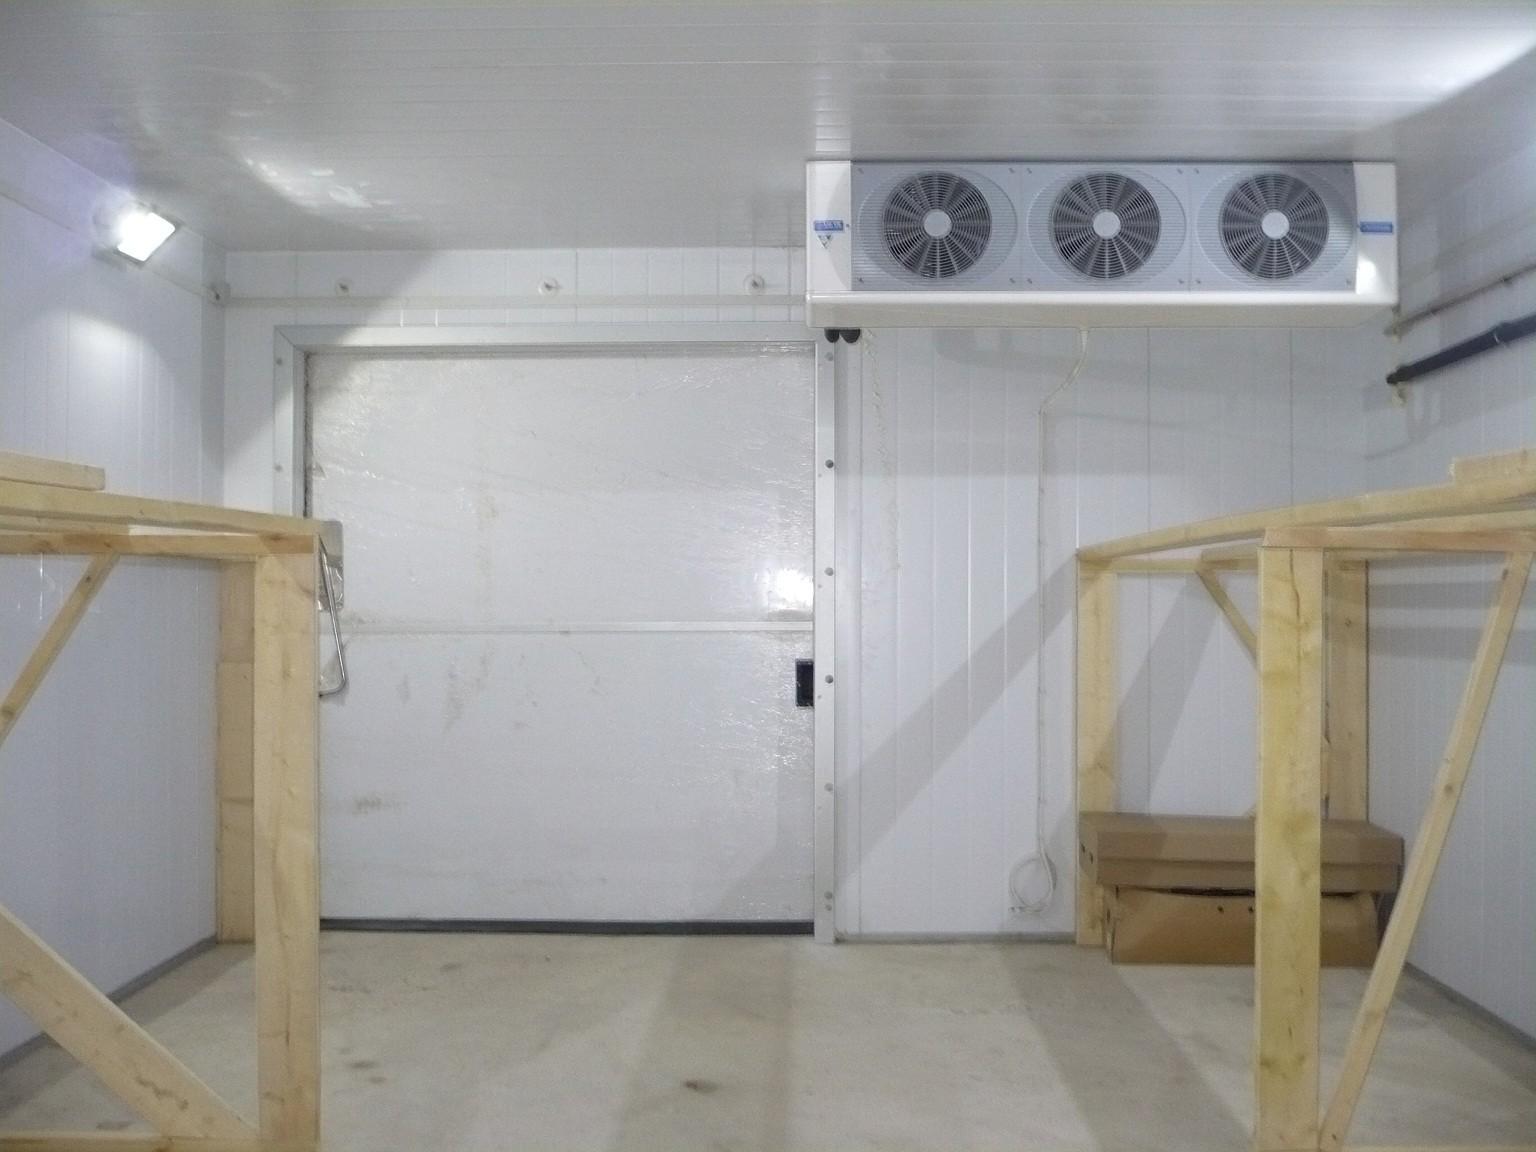 заказать холодильную камеру,купить холодильную камеру,холодильная камера +для цветов,холодильная камера цена,холодильная камера промышленная, Купить холодильную камеру